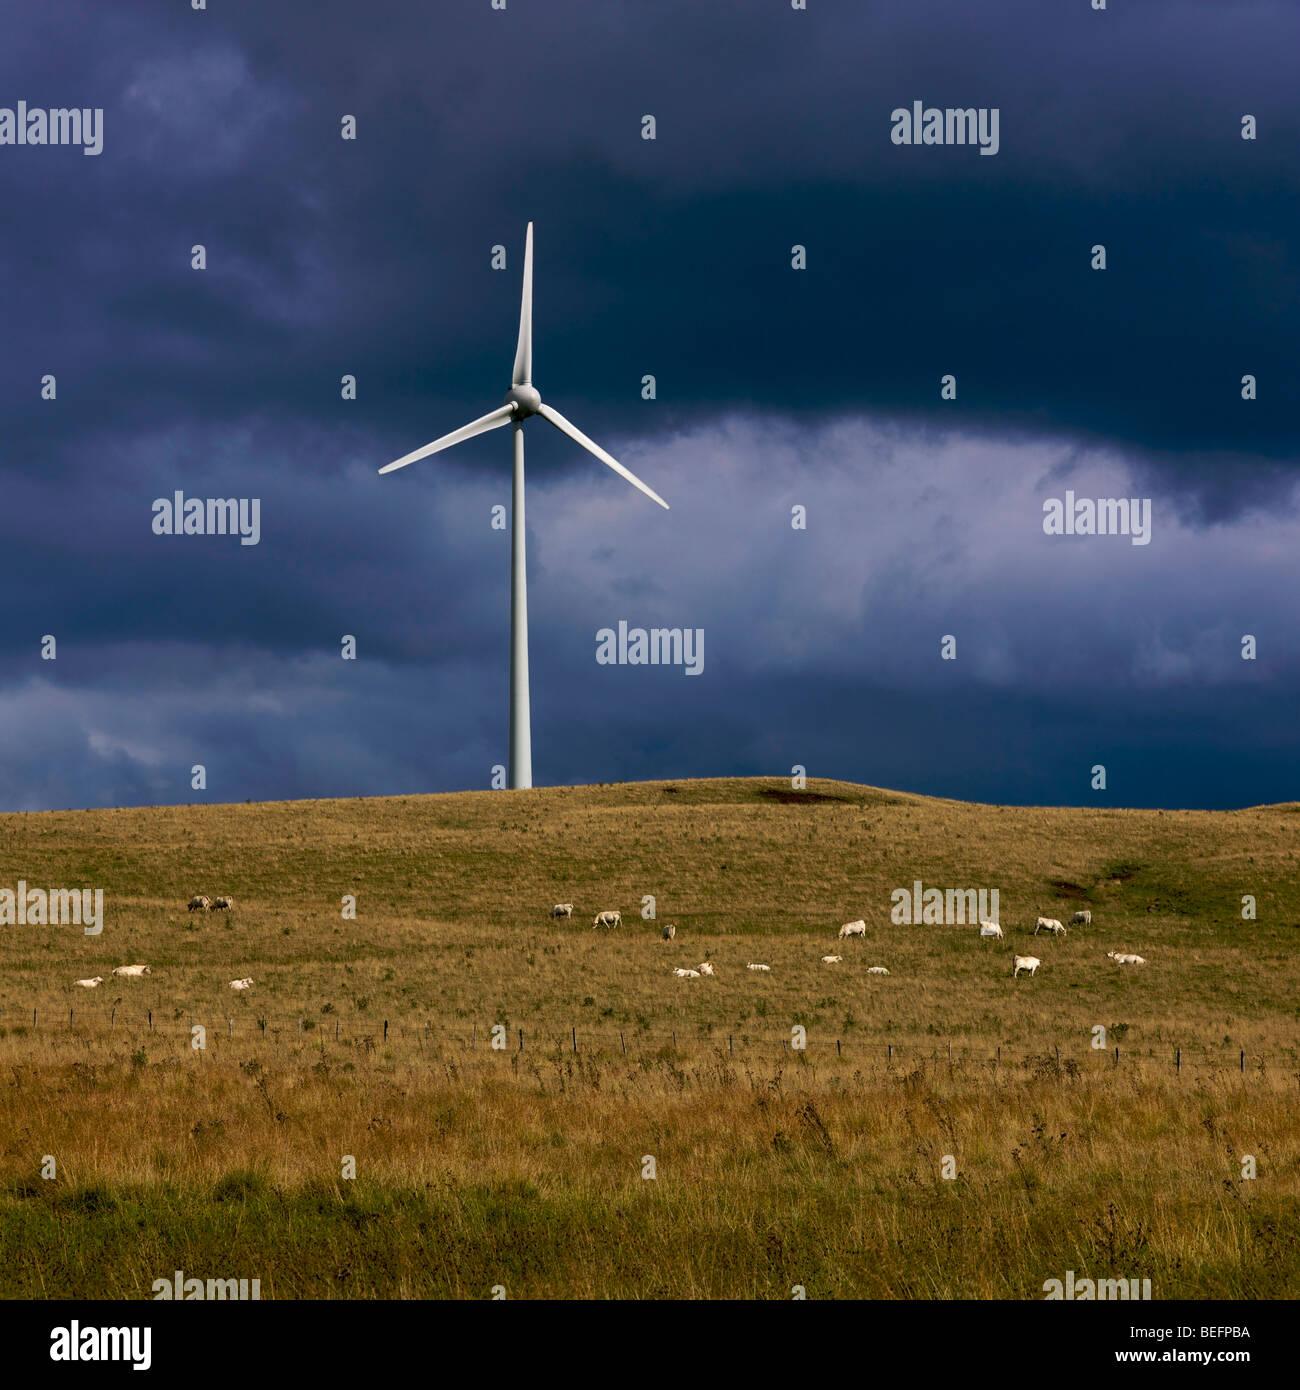 Grande éolienne sur un plateau, dans un cadre rural avec un ciel orageux Photo Stock